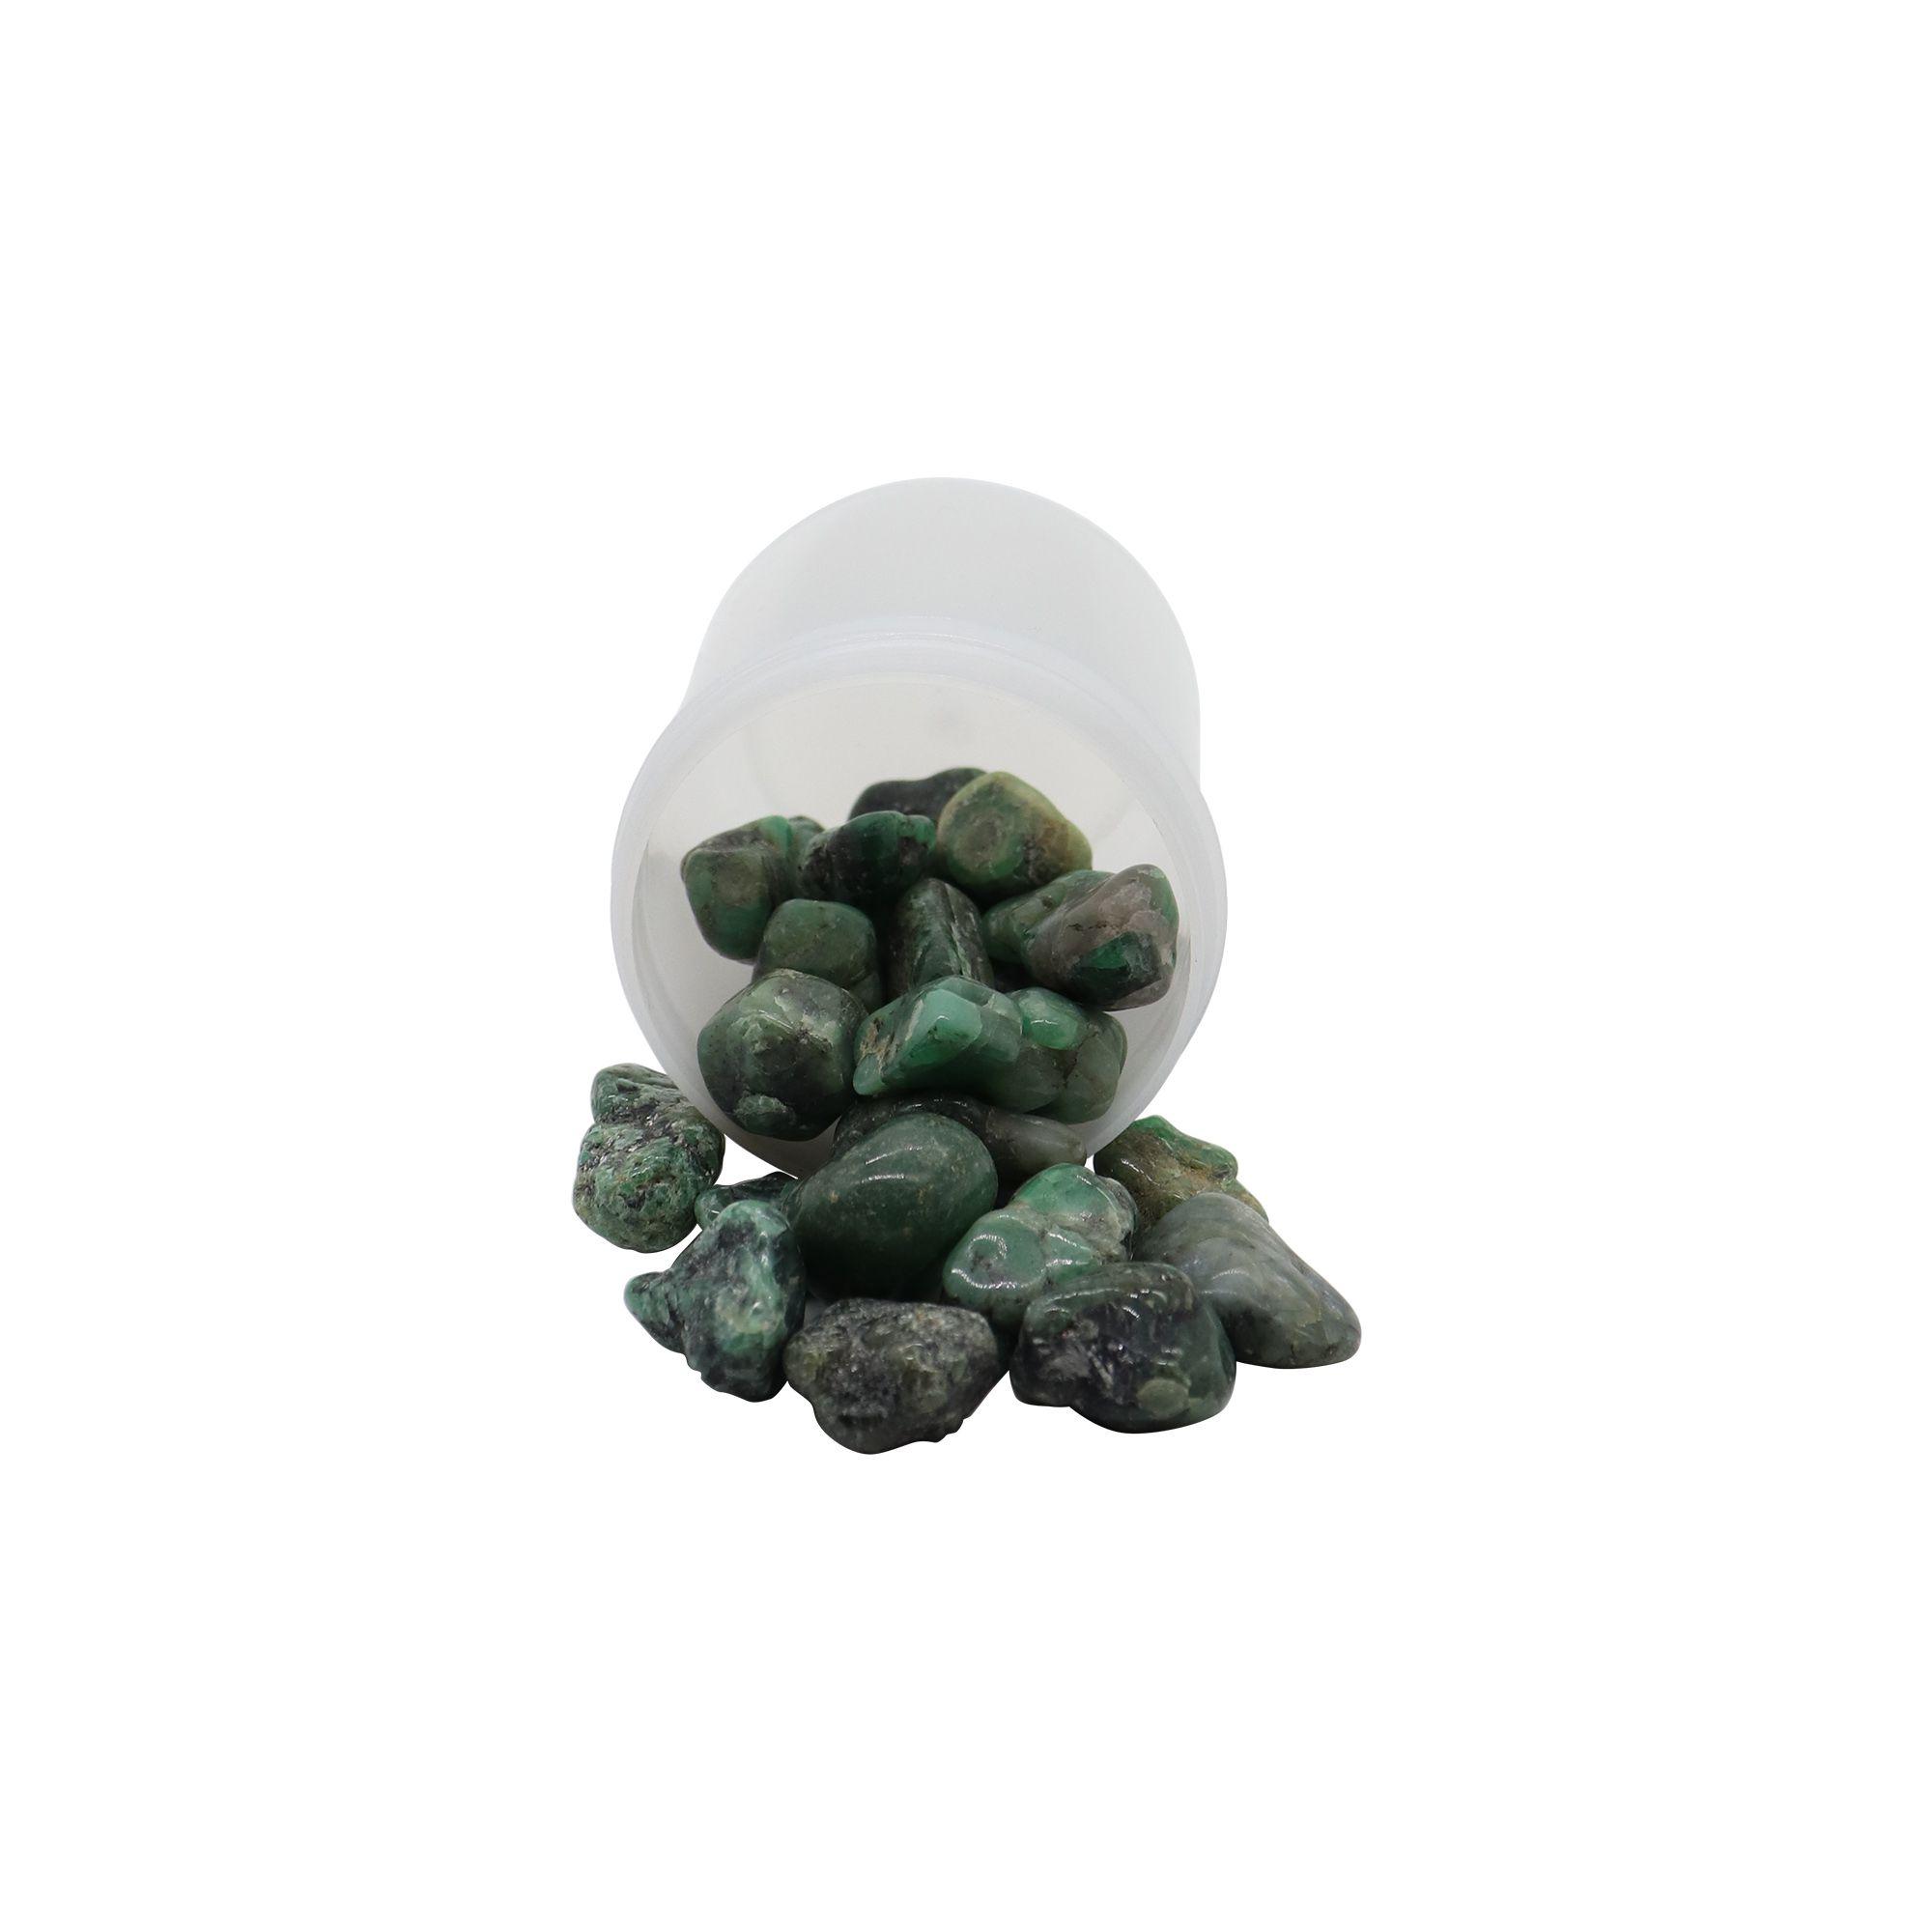 Pote de pedras quartzo verde maior 70g